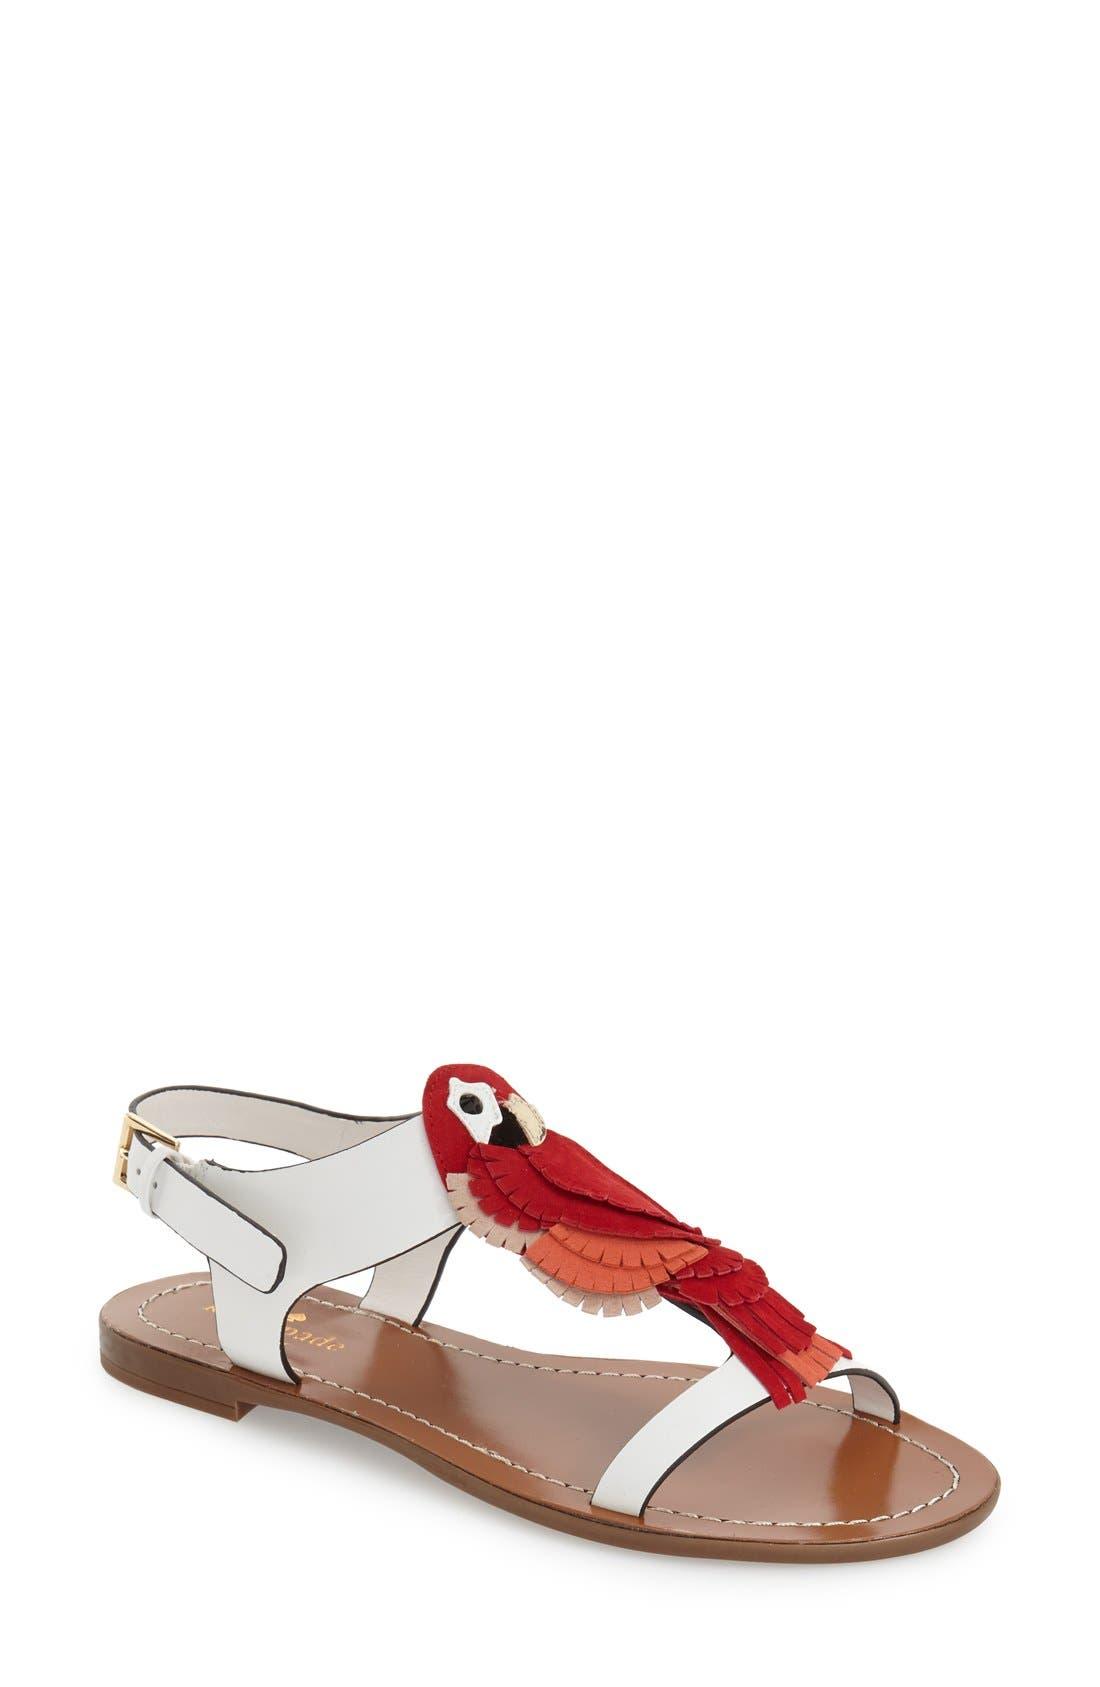 Alternate Image 1 Selected - kate spade new york 'charlie' sandal (Women)